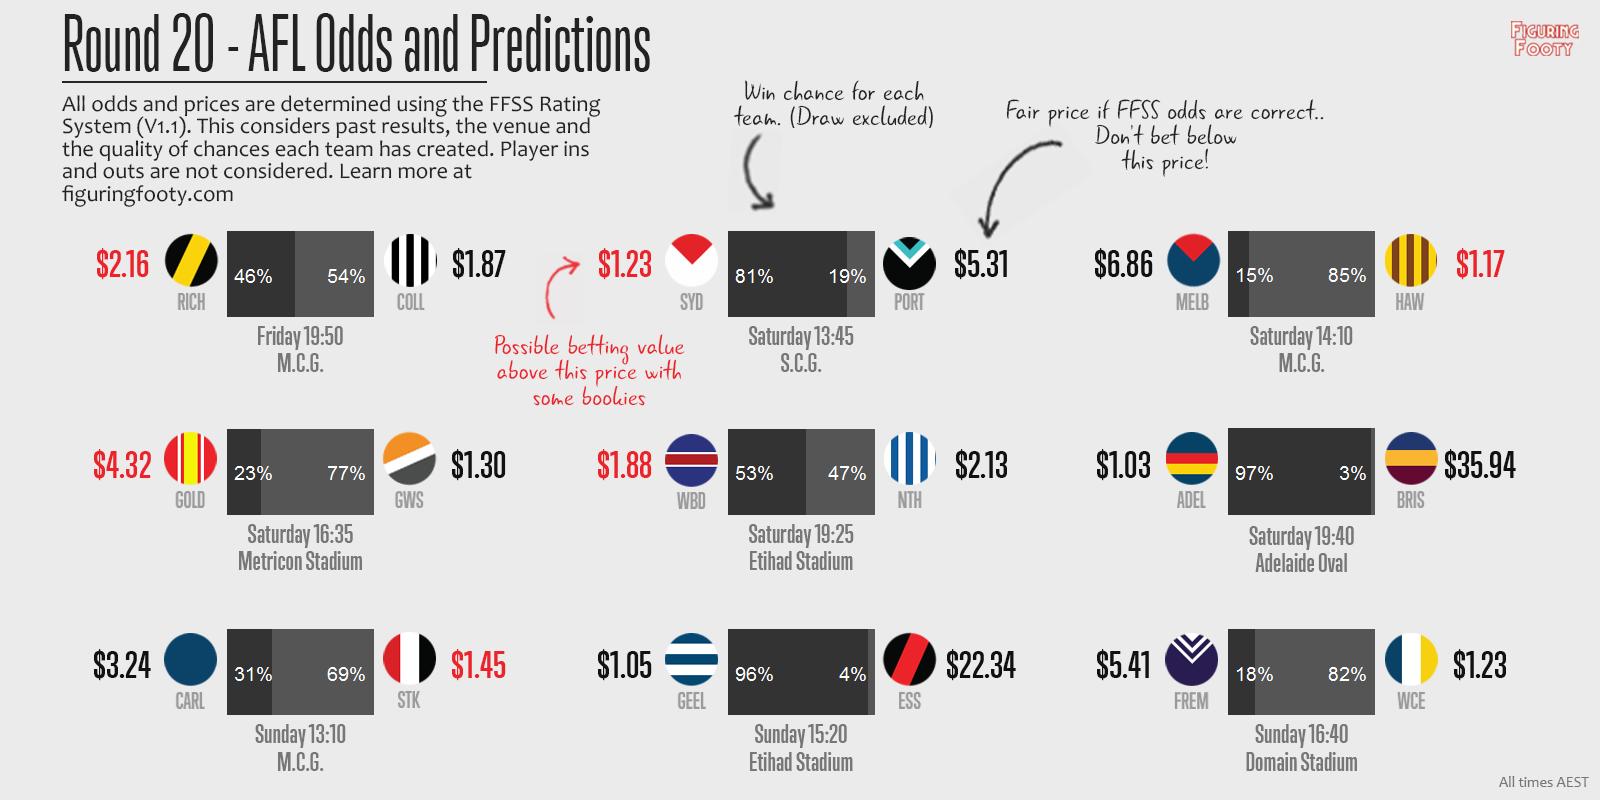 FFSS Round 20 Predictions